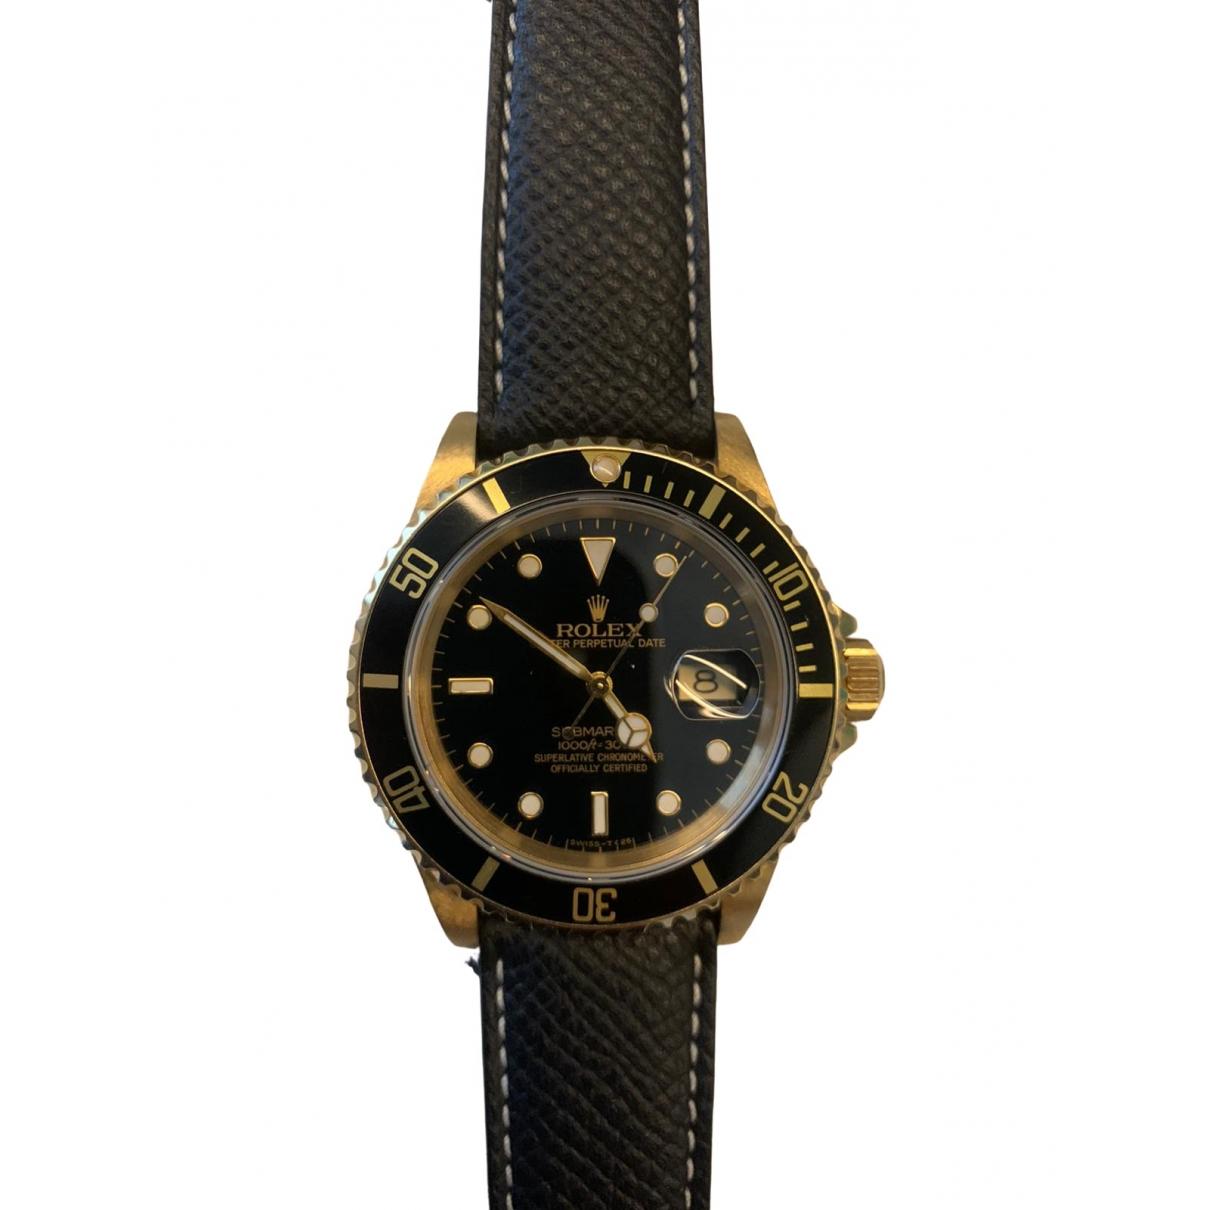 Rolex - Montre Submariner pour homme en or jaune - noir